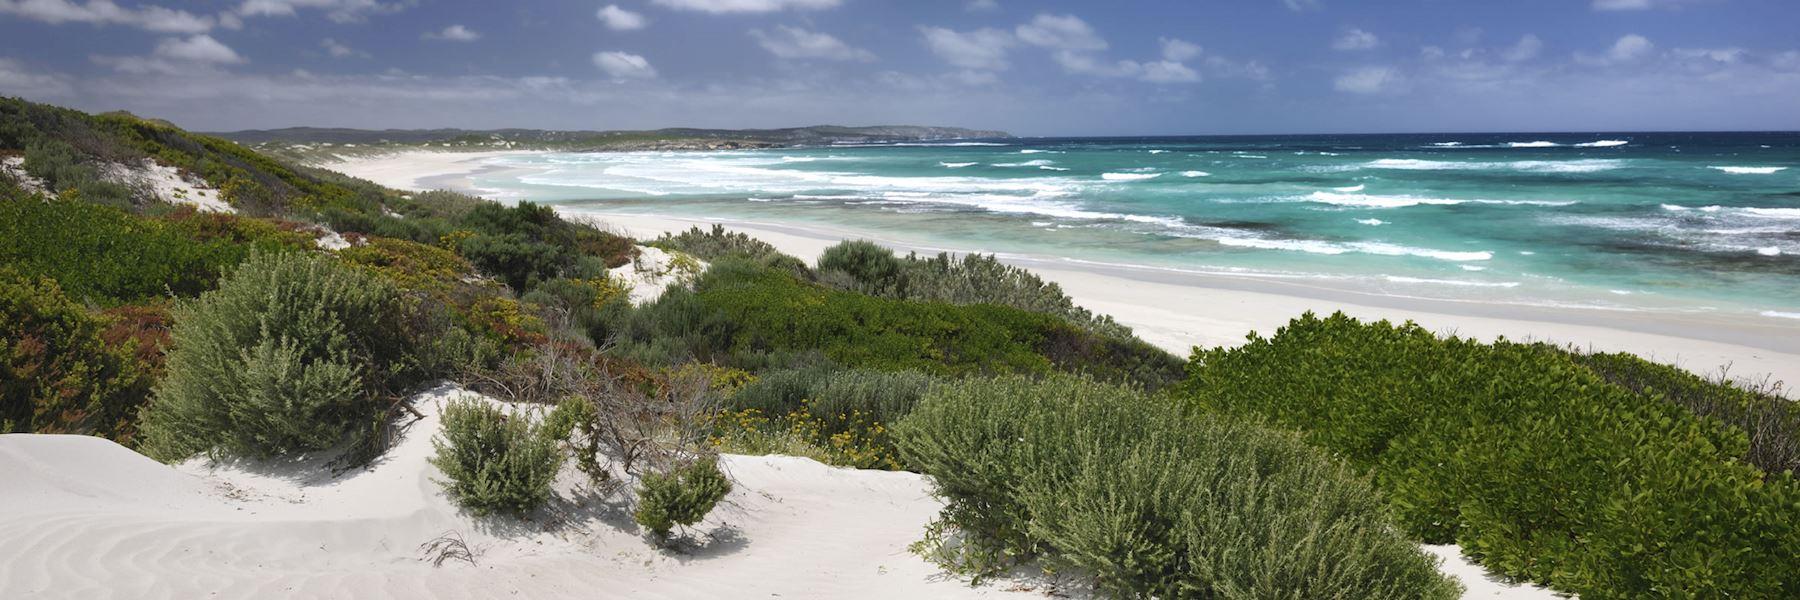 Visit Kangaroo Island, Australia